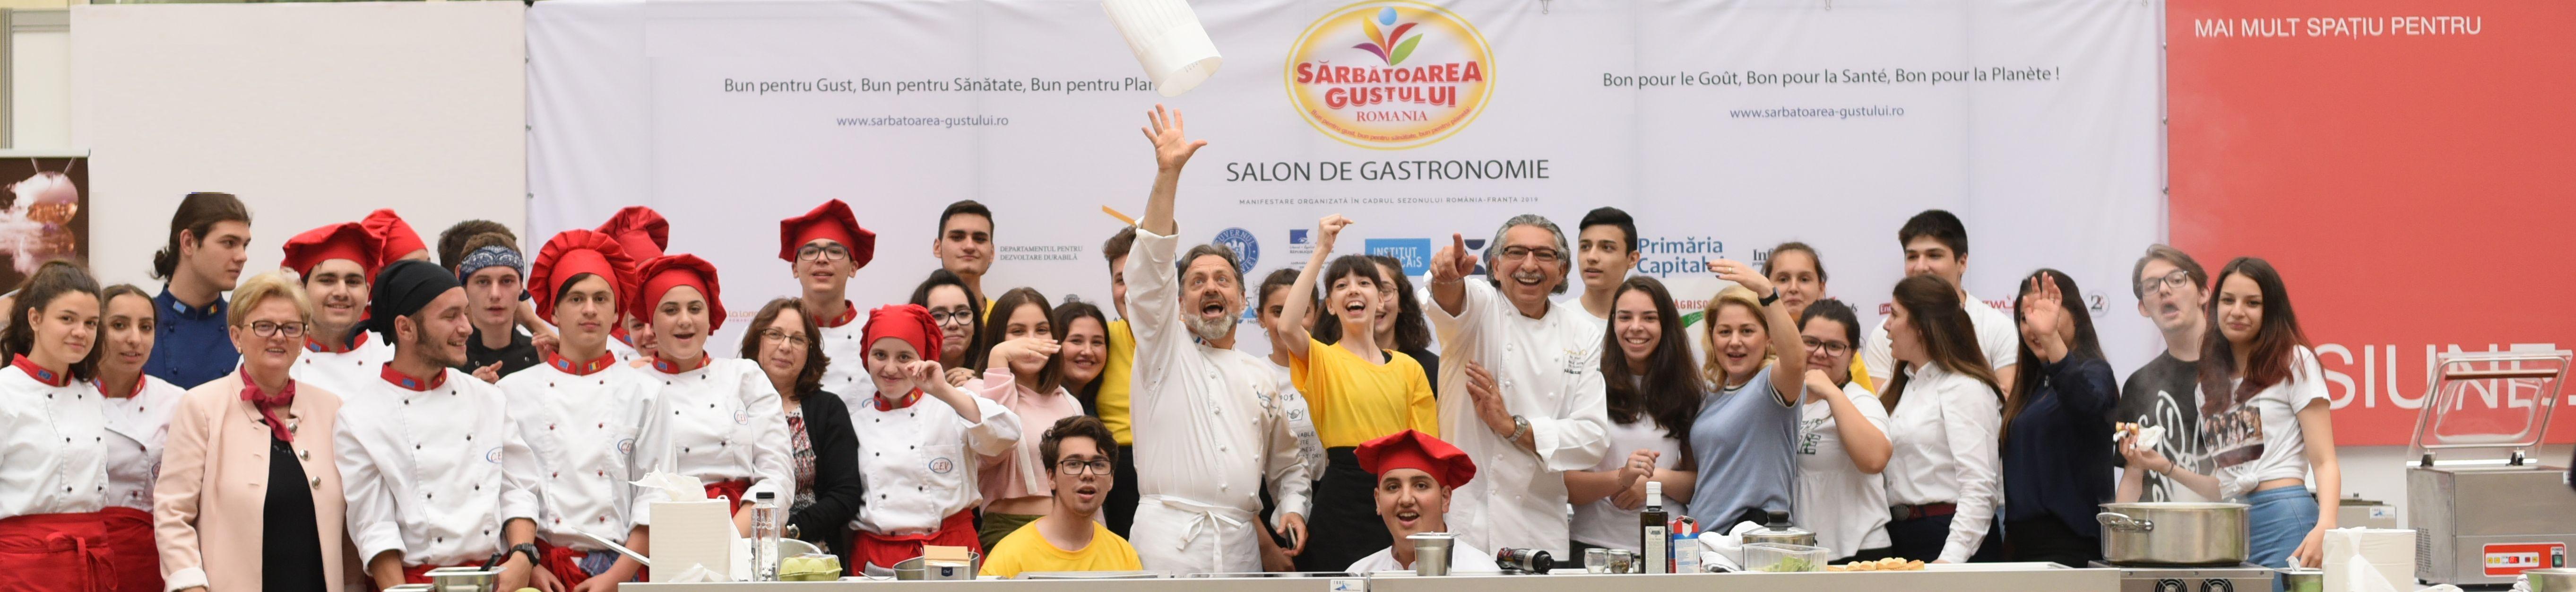 Sarbatoarea_Gustului_Salon_de_Gastronomie_